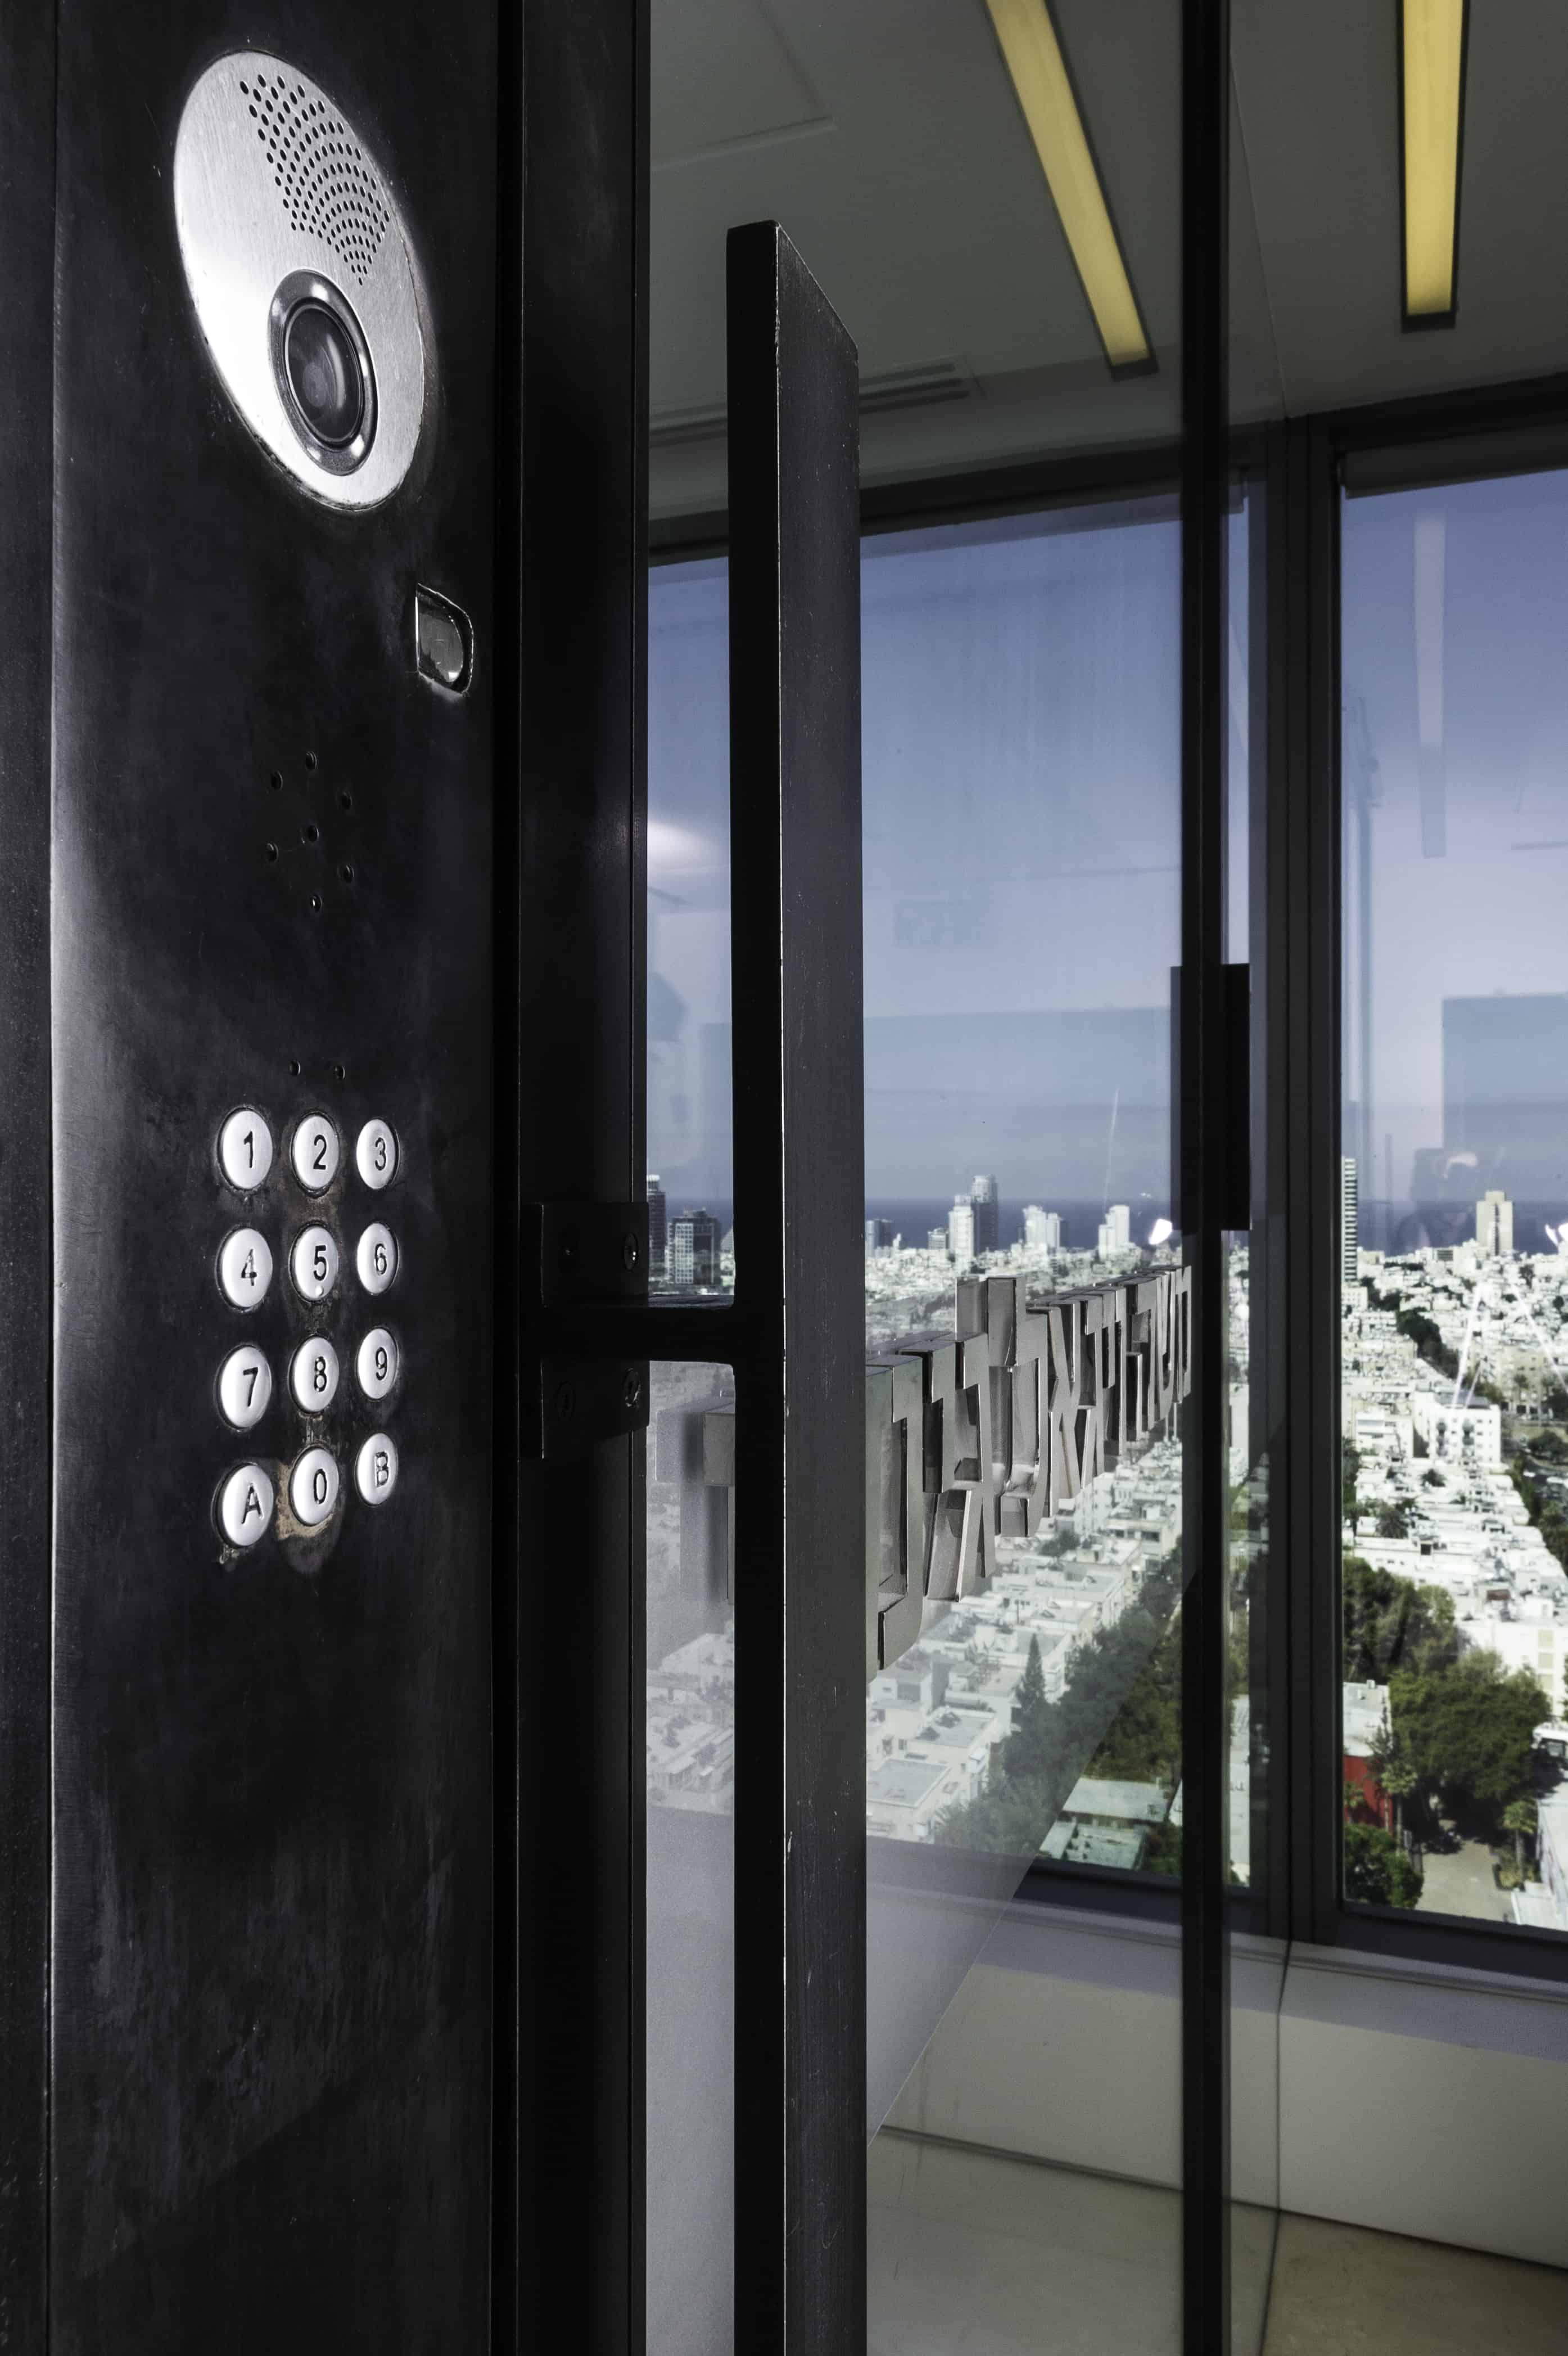 Office Entry Doors Teal Door In France Post Officeteal Doorentry